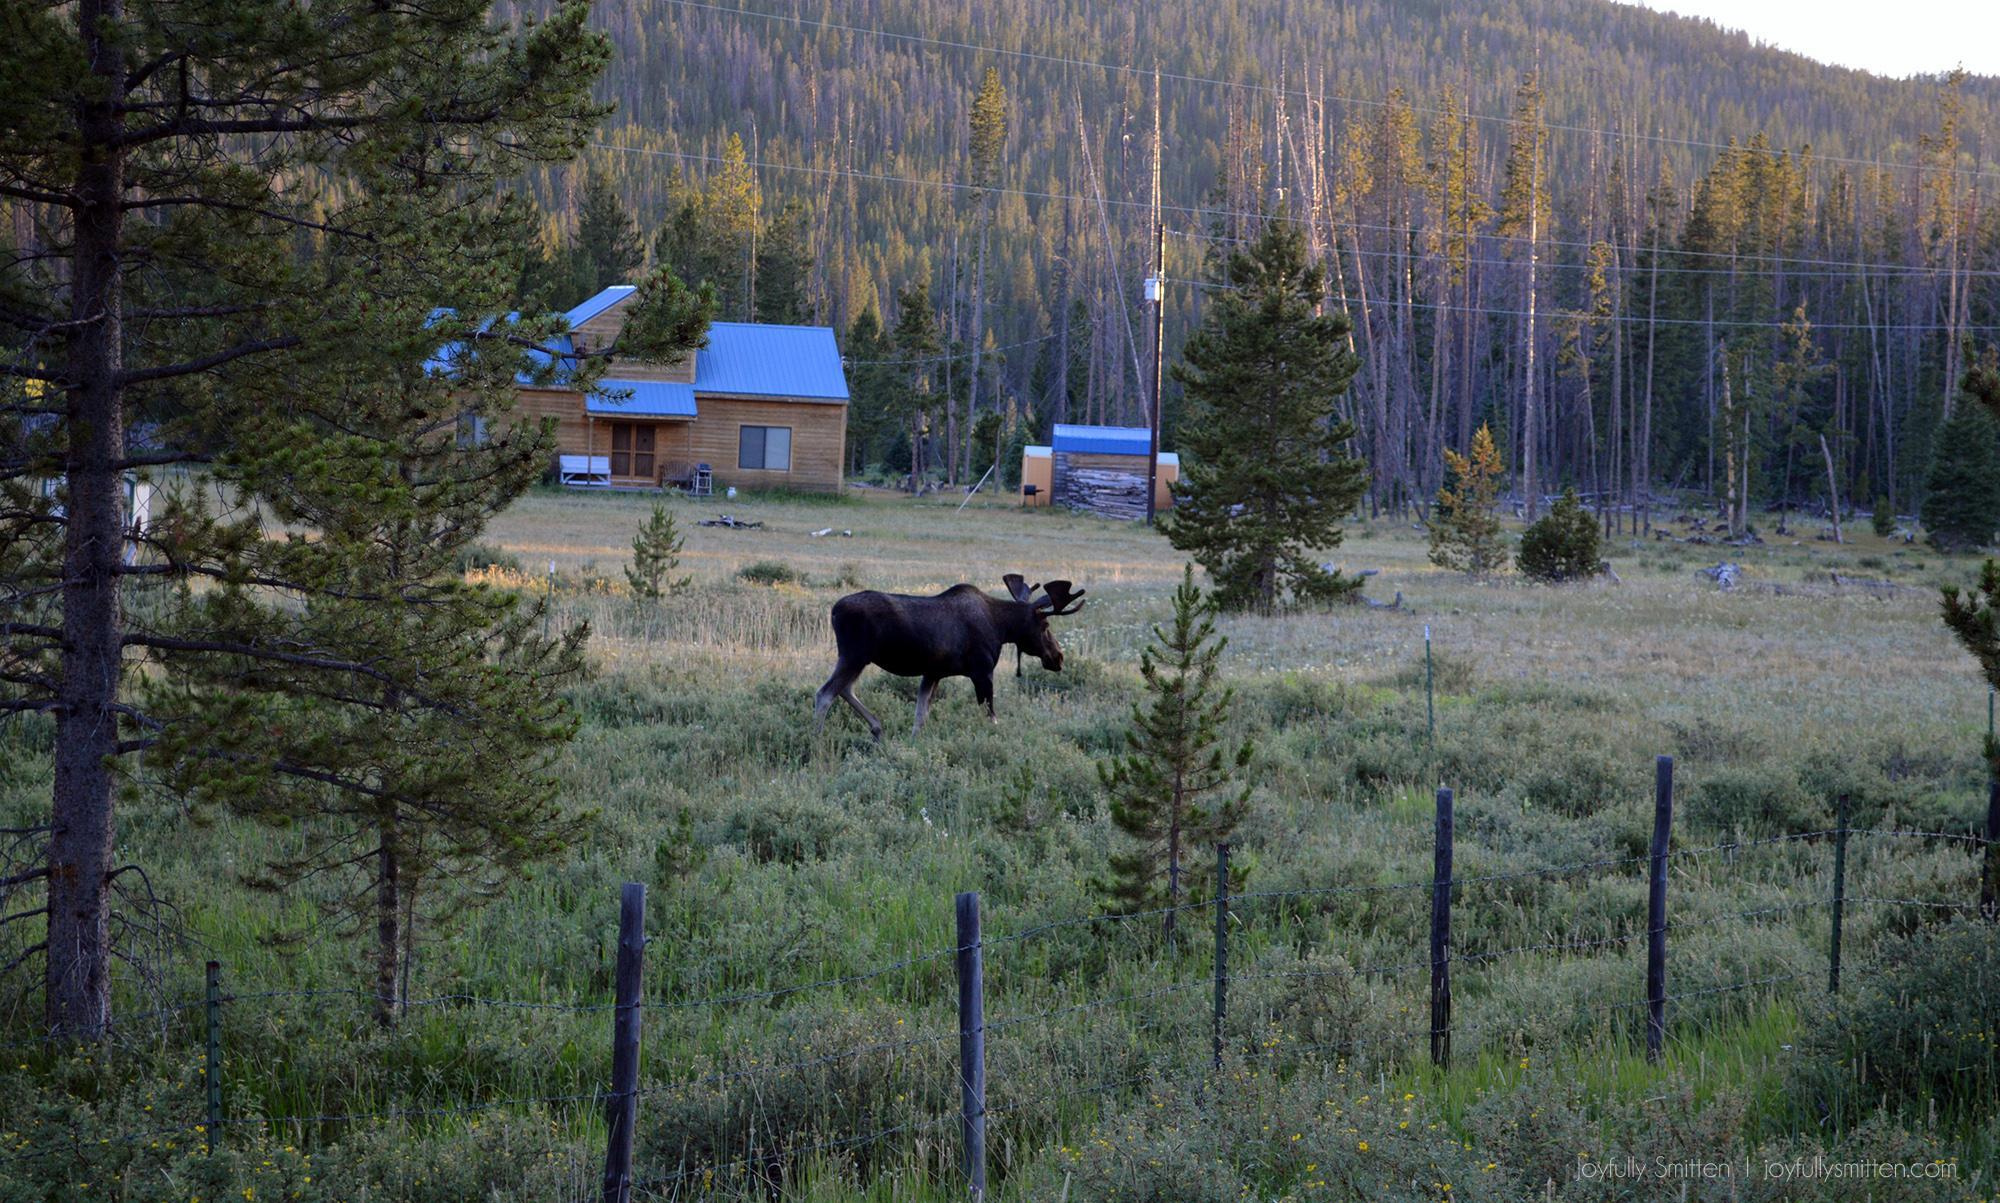 The Moose & Deer Prayer